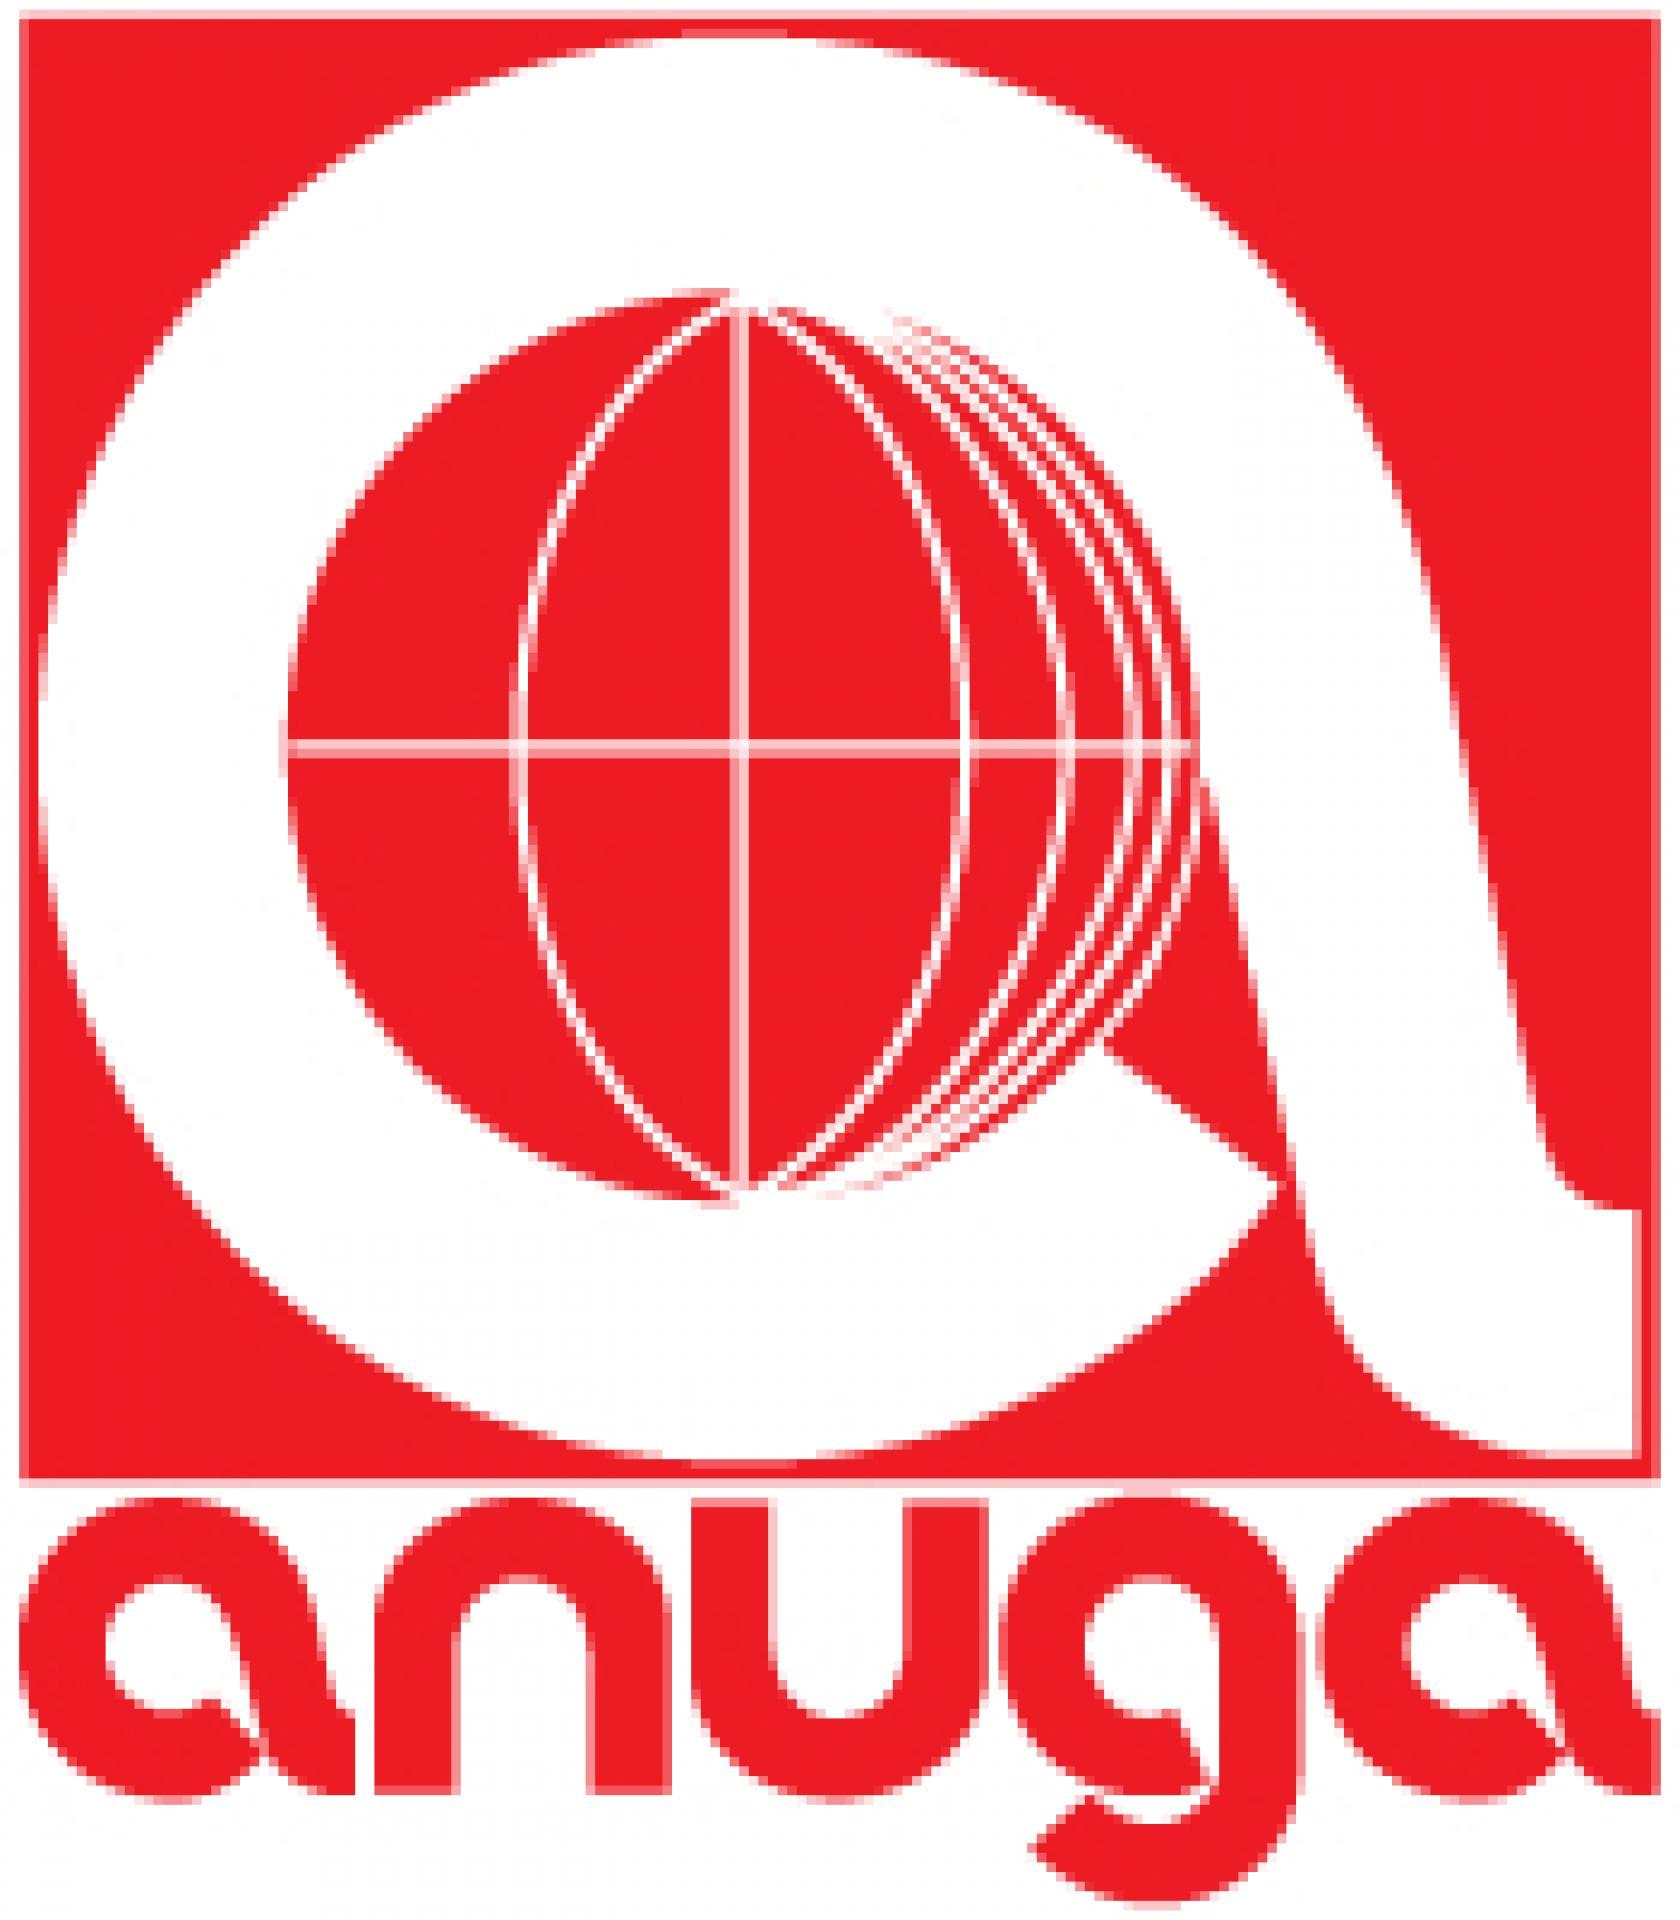 Rozstrzygnięcie naboru przedsiębiorstw na stoisko regionalne  na targach ANUGA 2021 - zobacz więcej